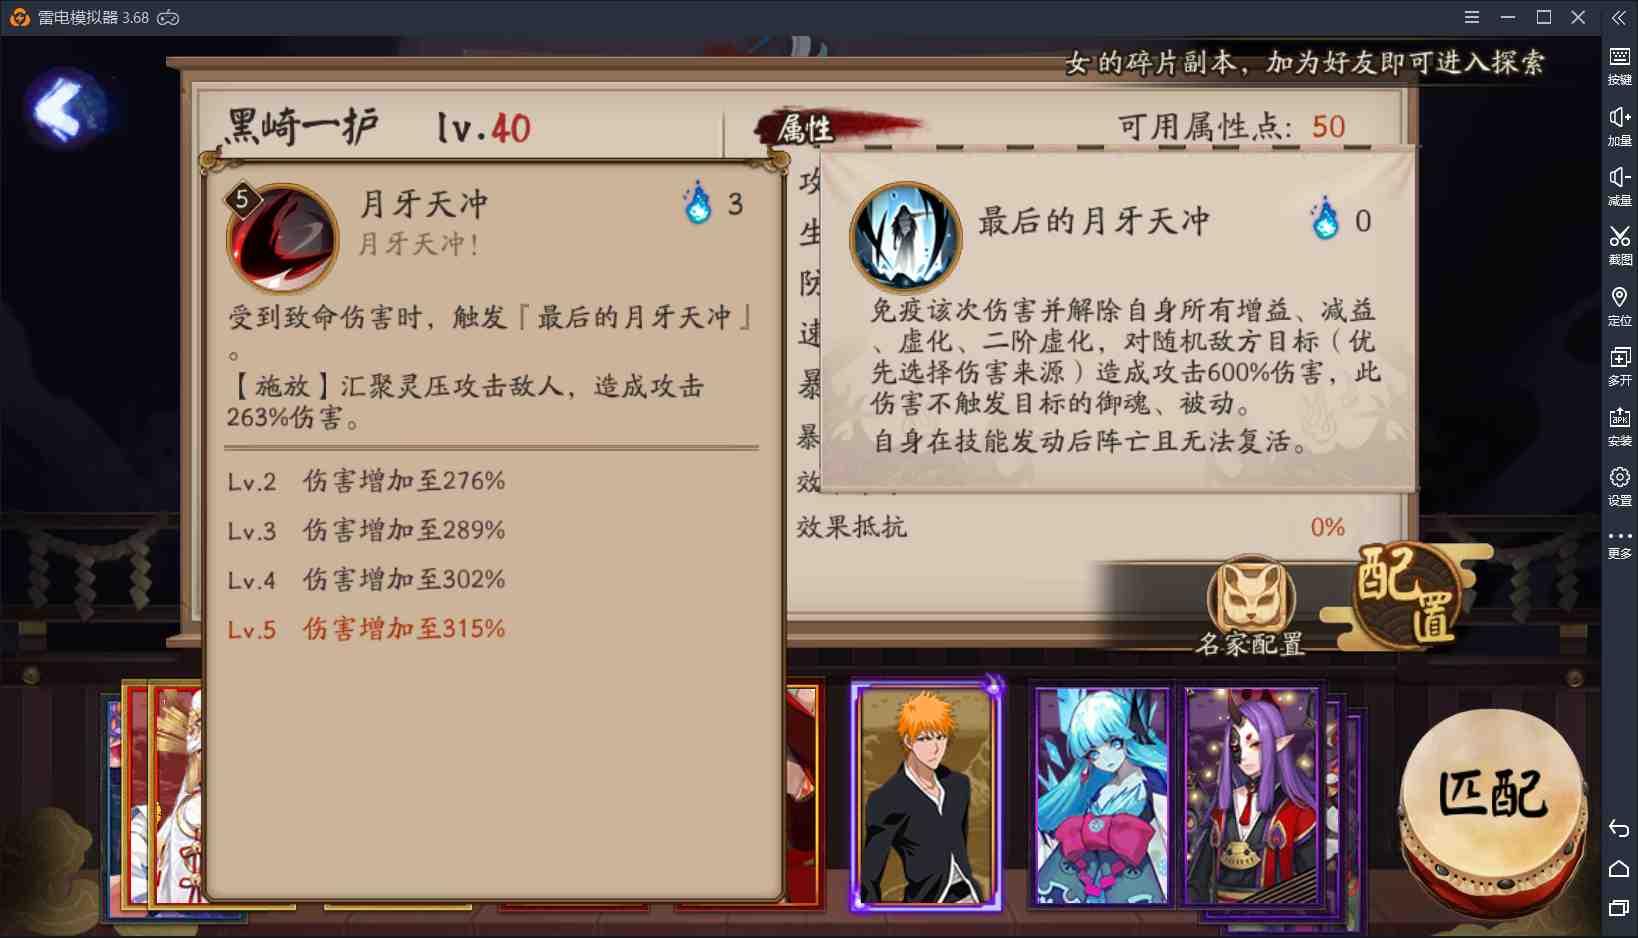 【阴阳师】联动SSR黑崎一护技能简析,一个慢热型高爆发PVP式神